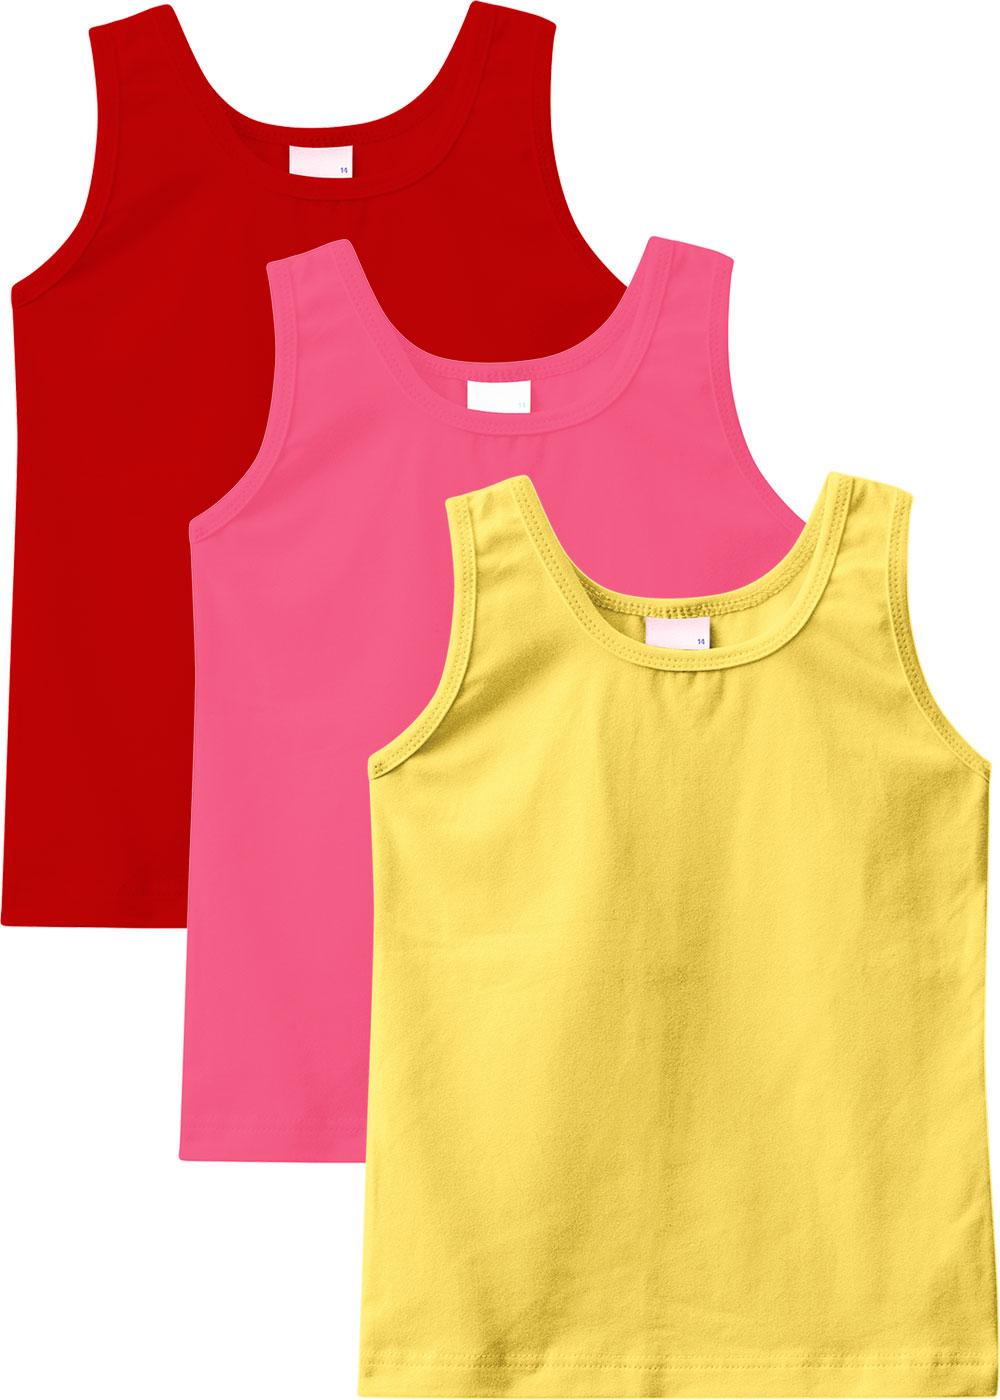 Kit 3 Regatas Infantis Femininas Amarelo, Rosa e Vermelho - Malwee